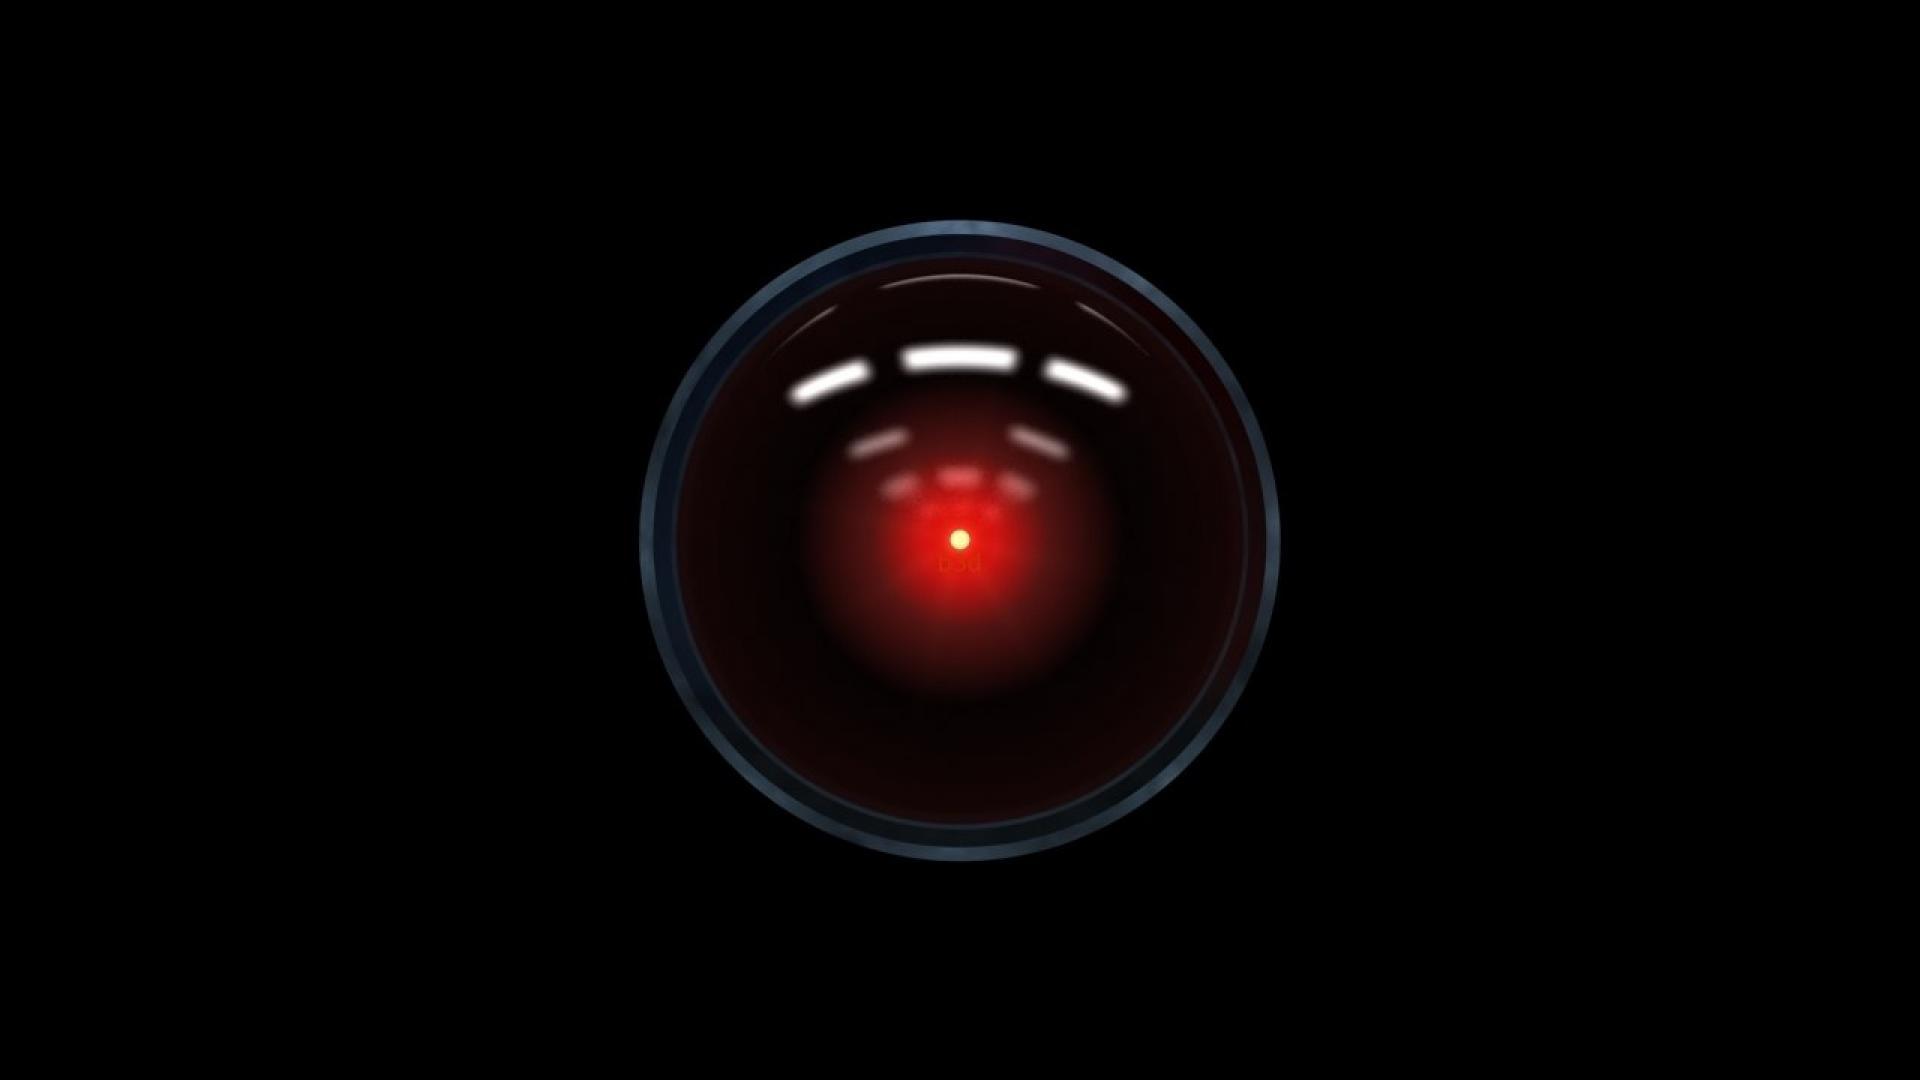 HAL 9000 никогда не появится: эмоции не программируются